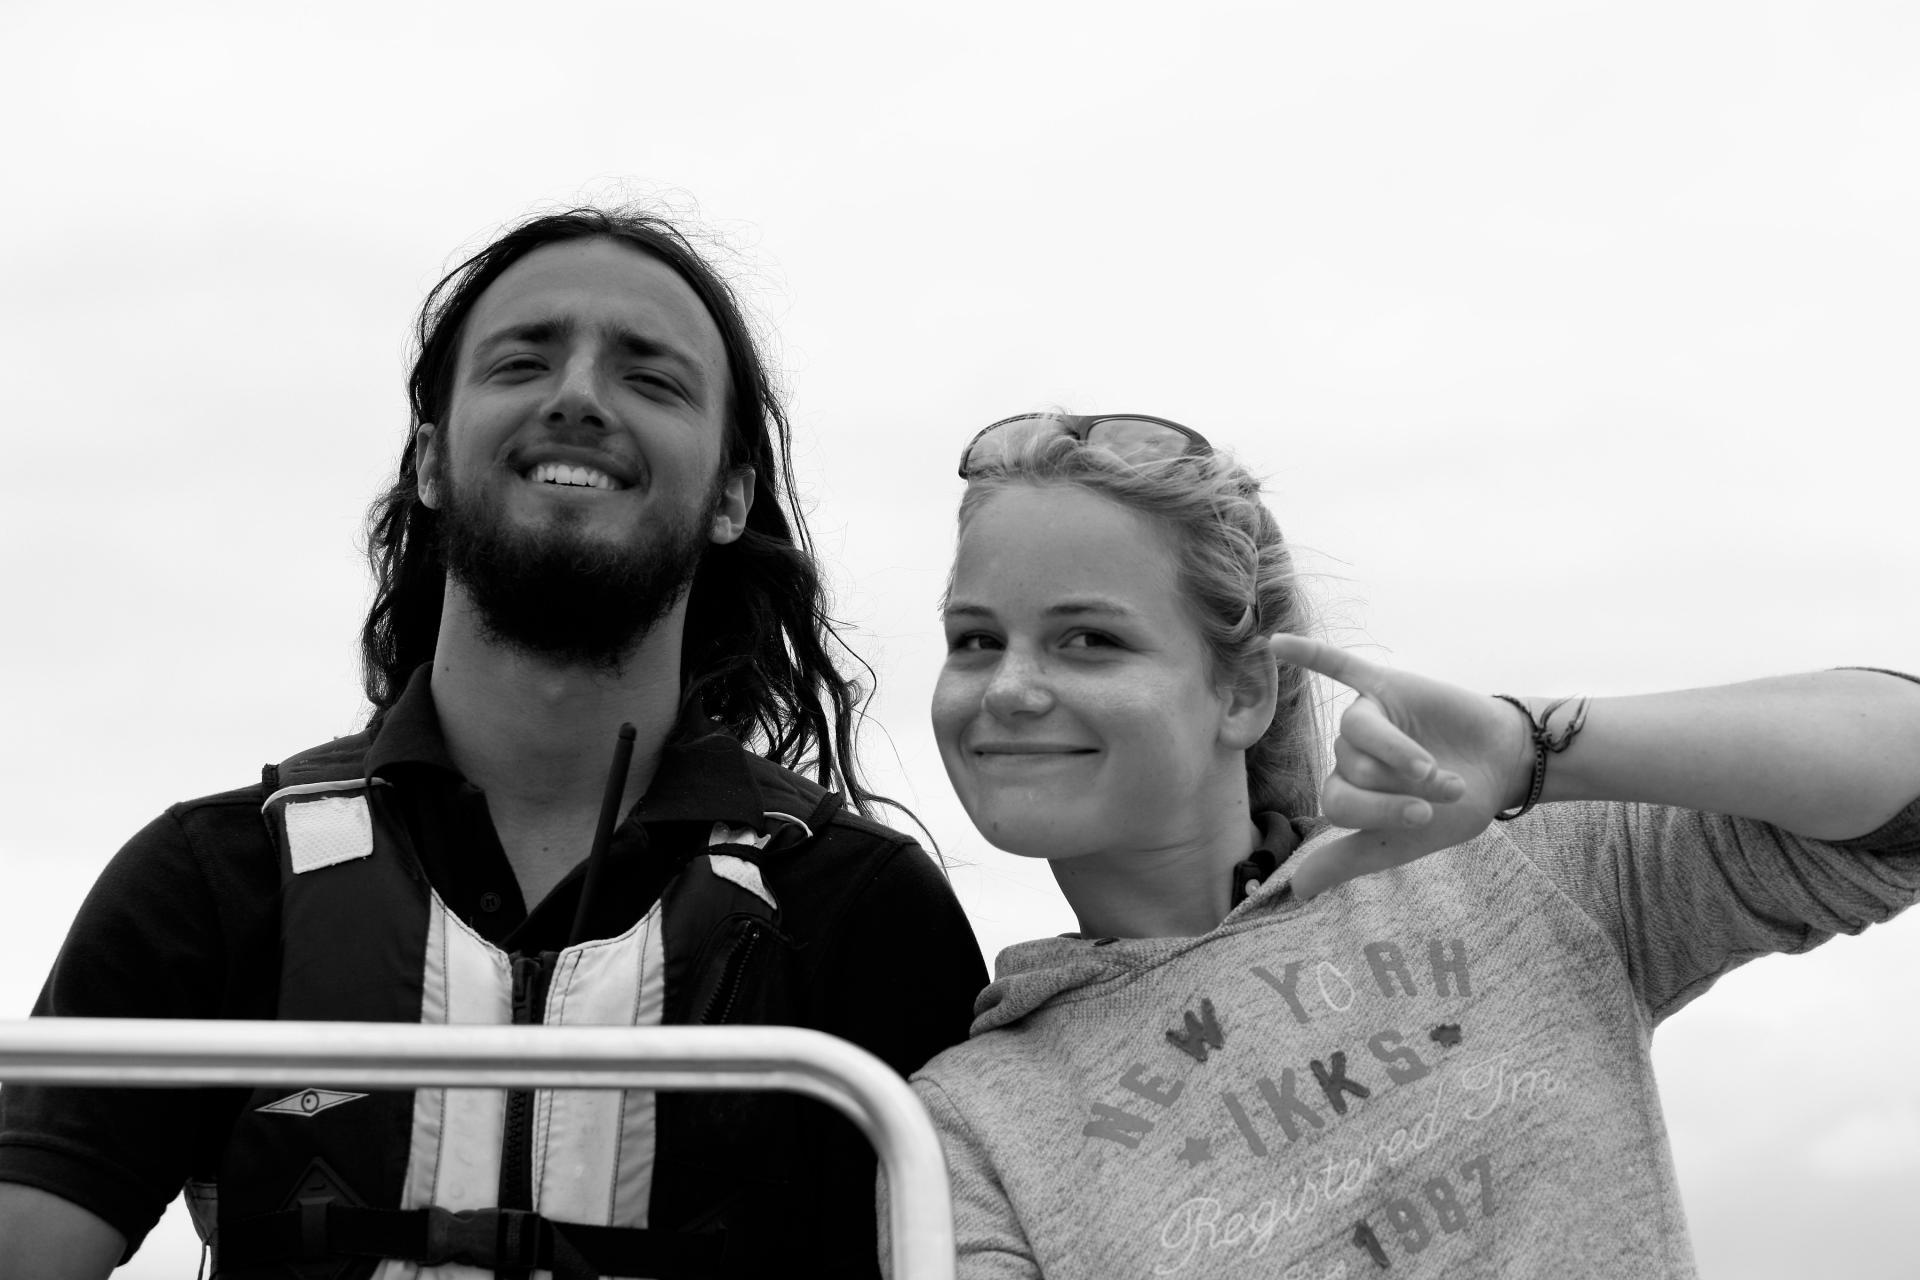 Club Nautique du Rohu - Erwan & Mathilde